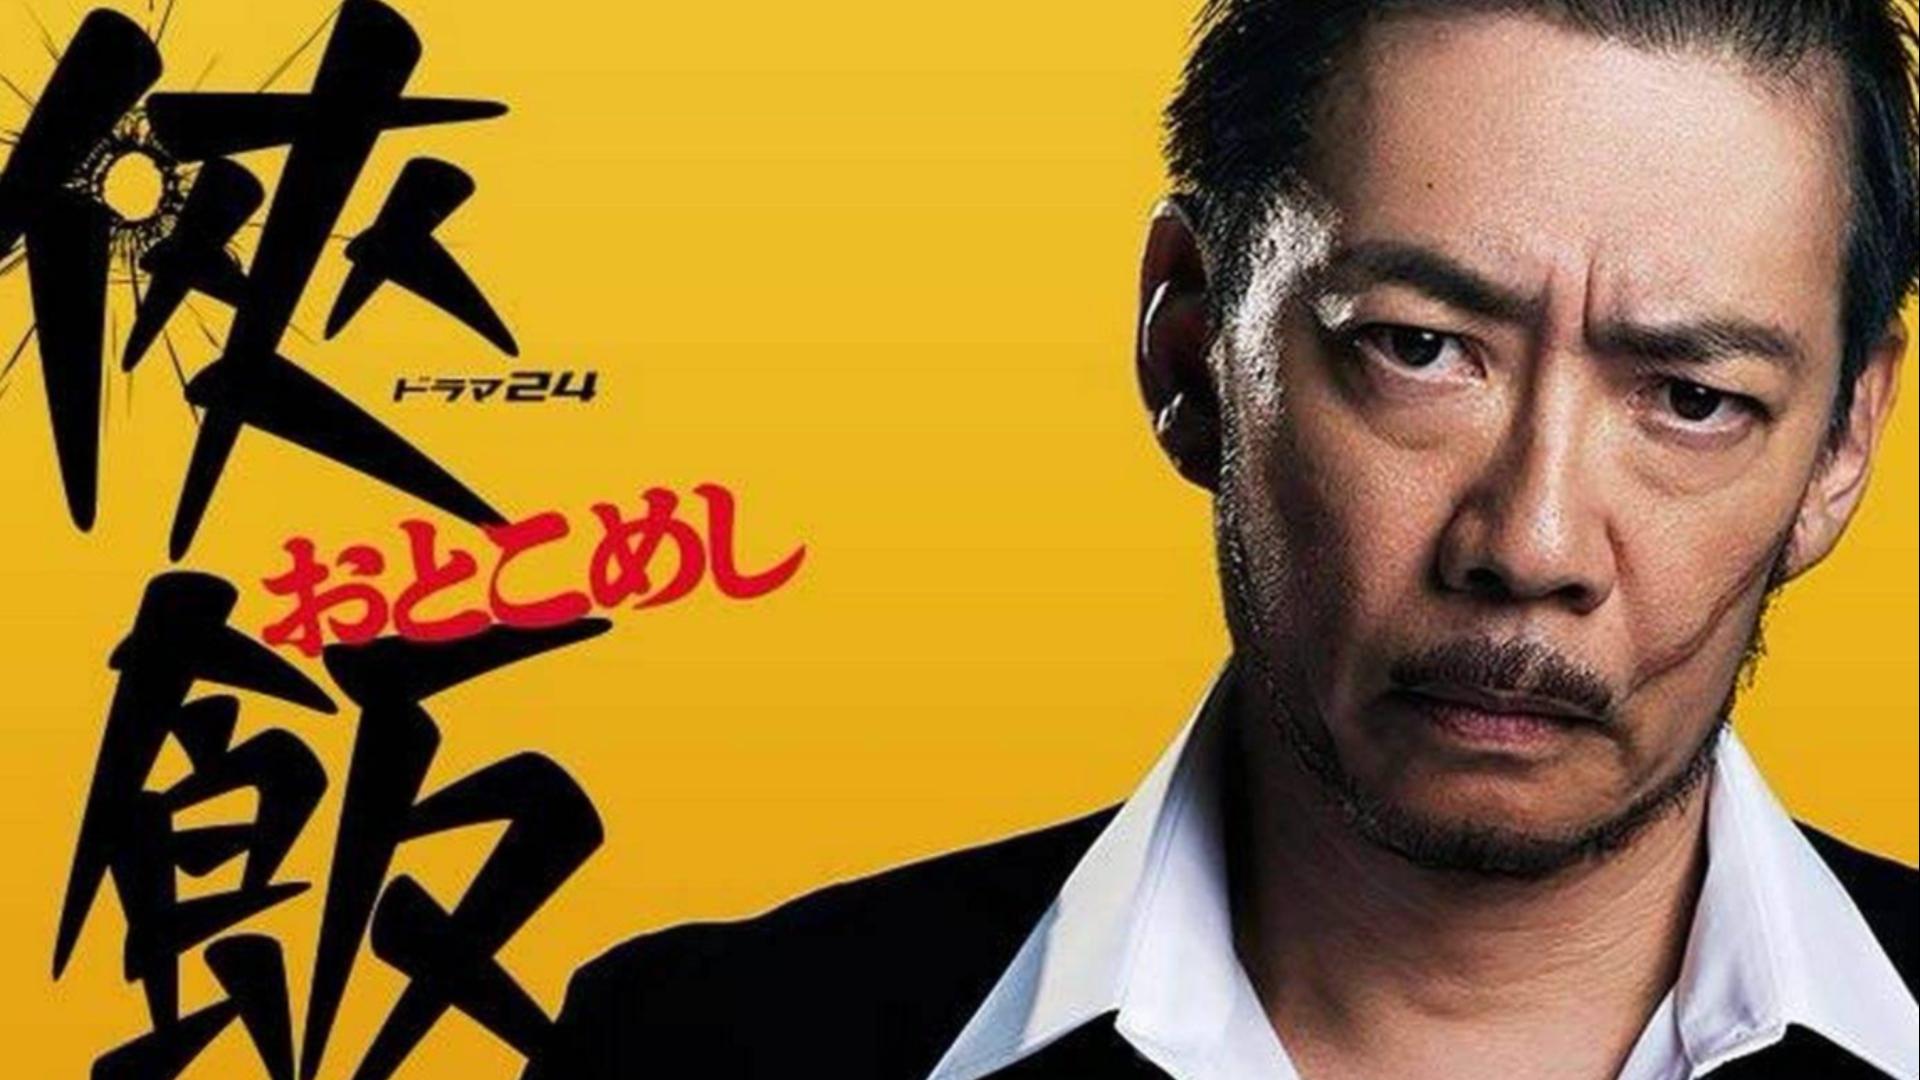 【侠饭】日本黑帮大哥教你怎么做日本风味饺子和炒饭!看着!馋了